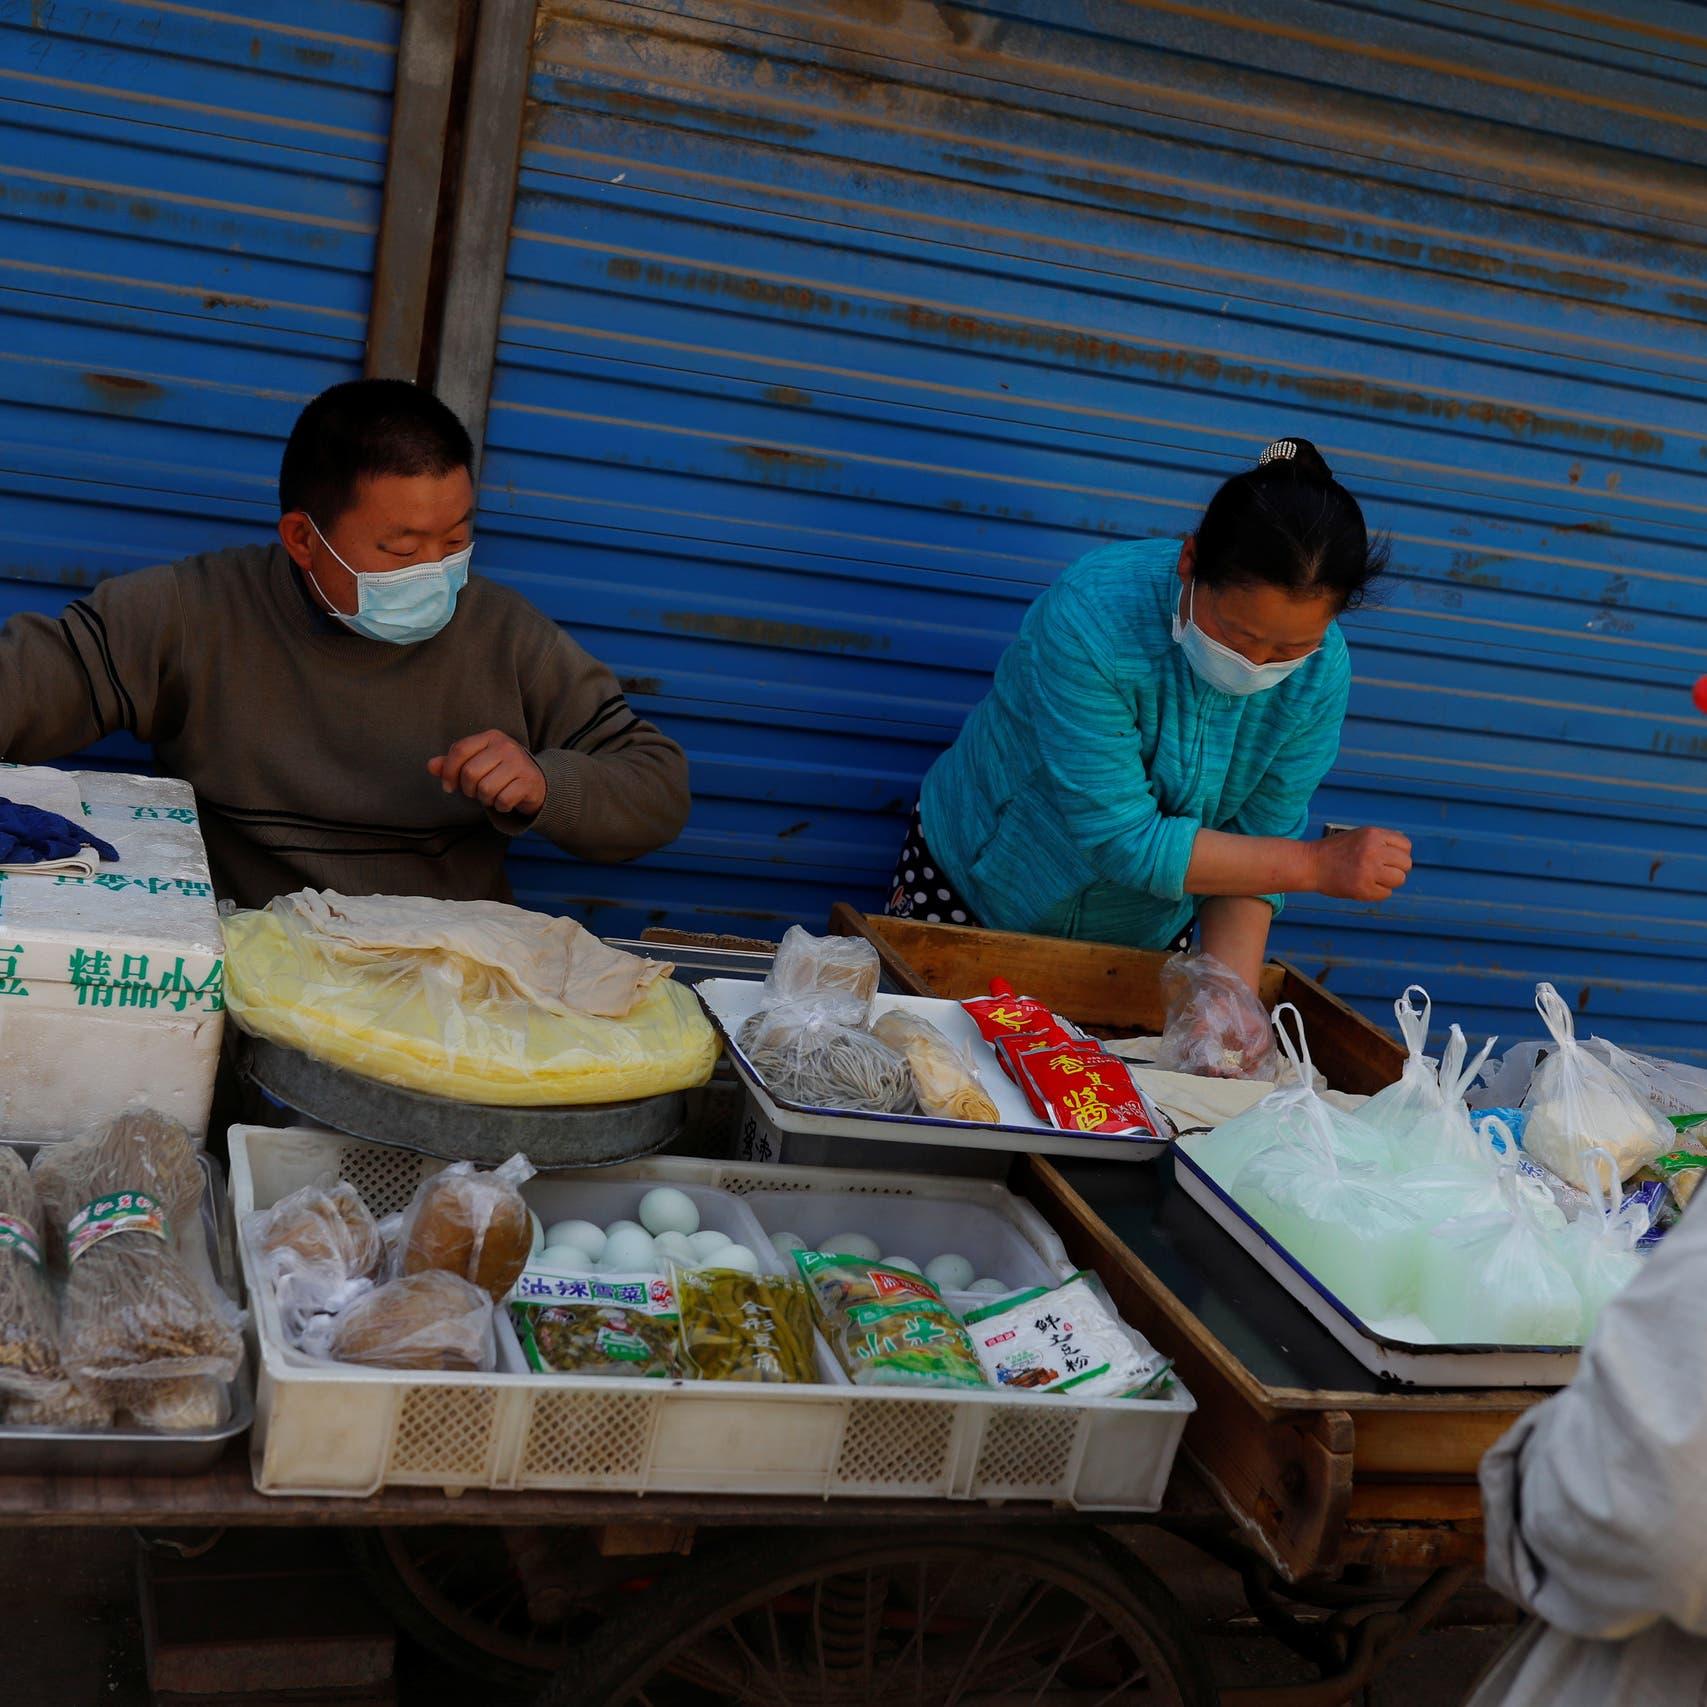 """فيروس الصين مجددا..ترمب يشير بإصبعه """"يمكنني فعل الكثير"""""""